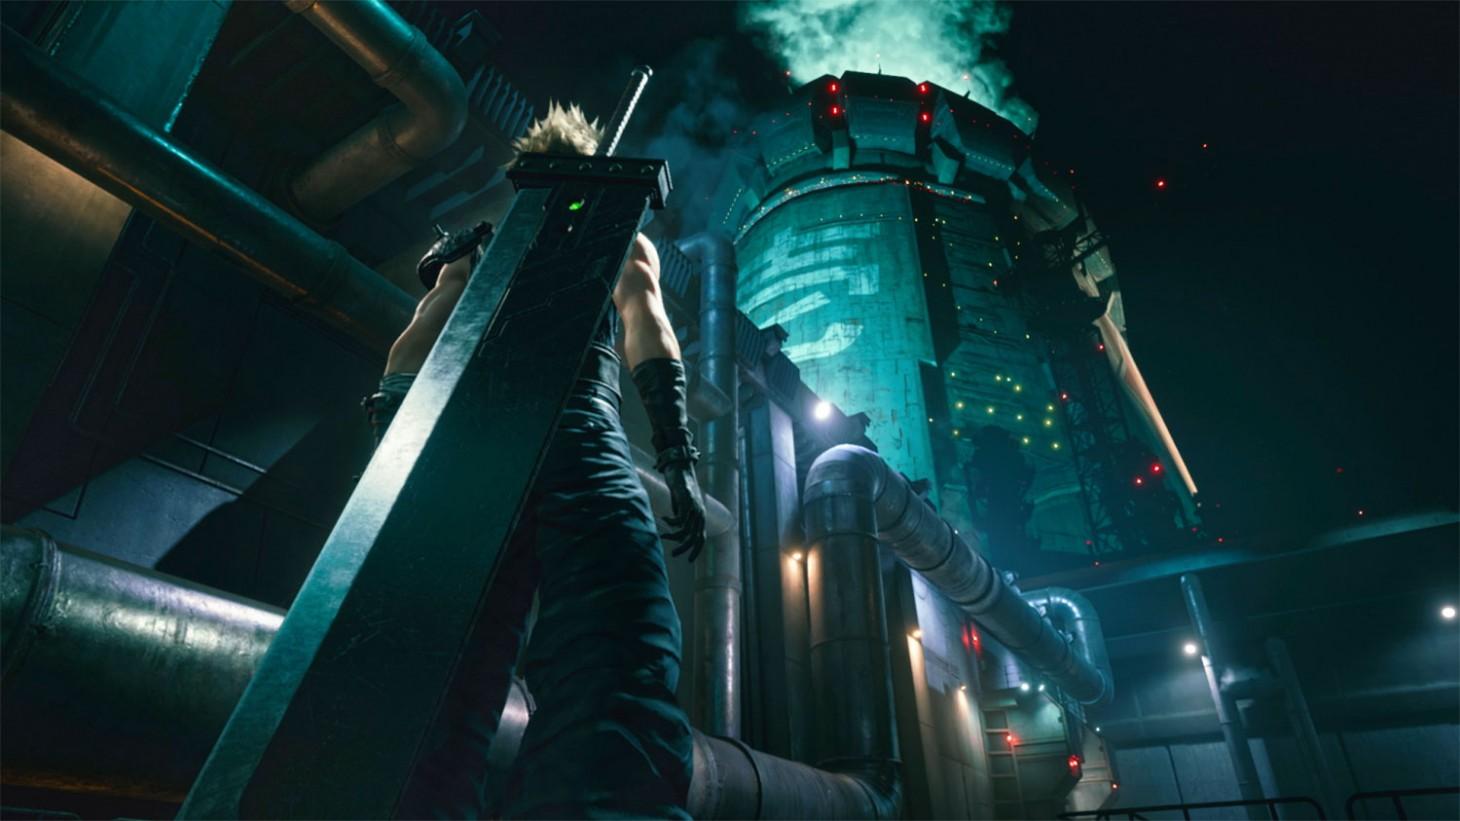 SE:《最终幻想7:重制版》数字版不会提前发售